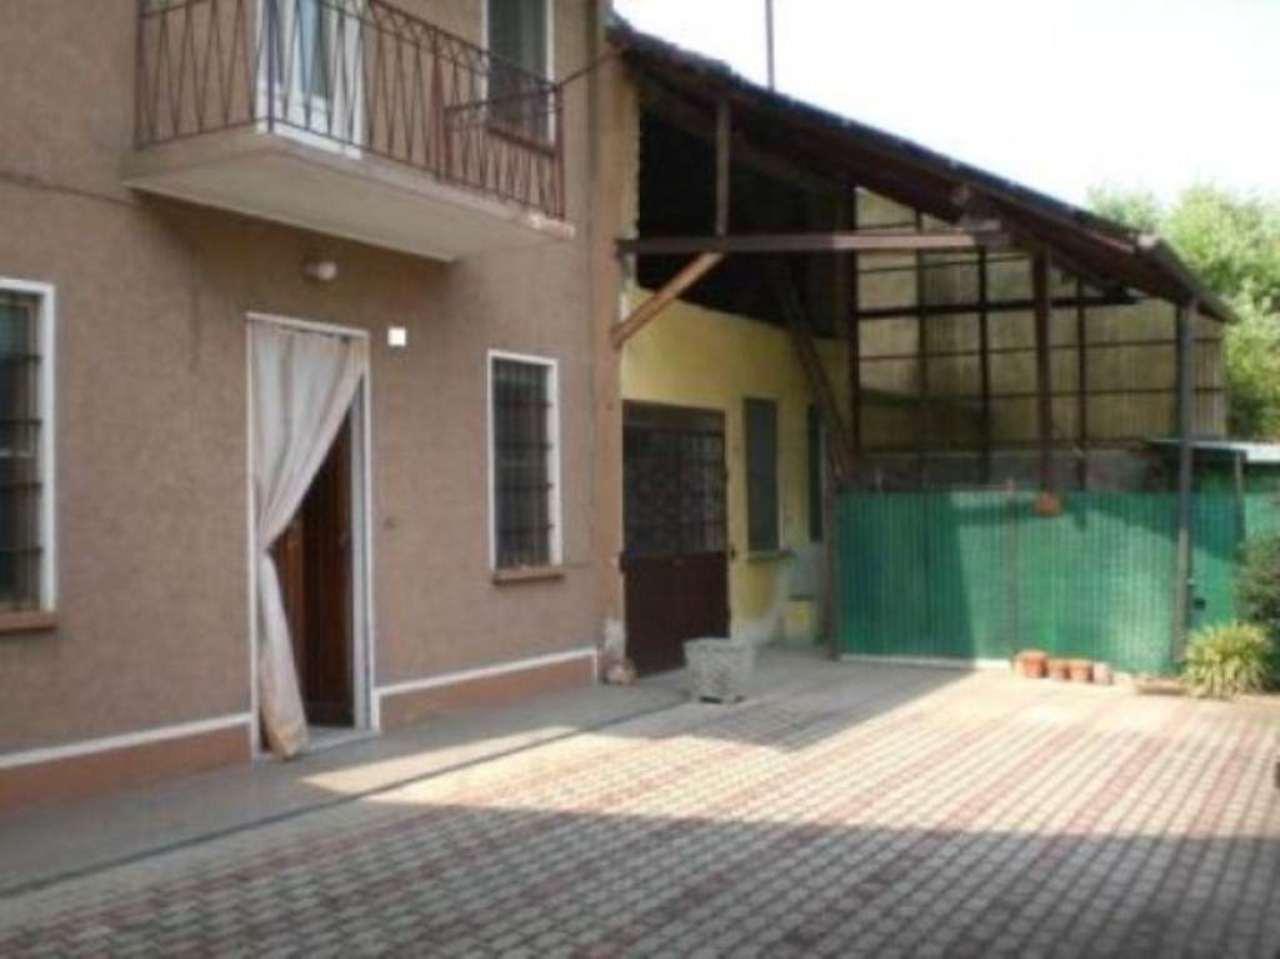 Soluzione Indipendente in vendita a Dorno, 3 locali, prezzo € 98.000 | Cambio Casa.it